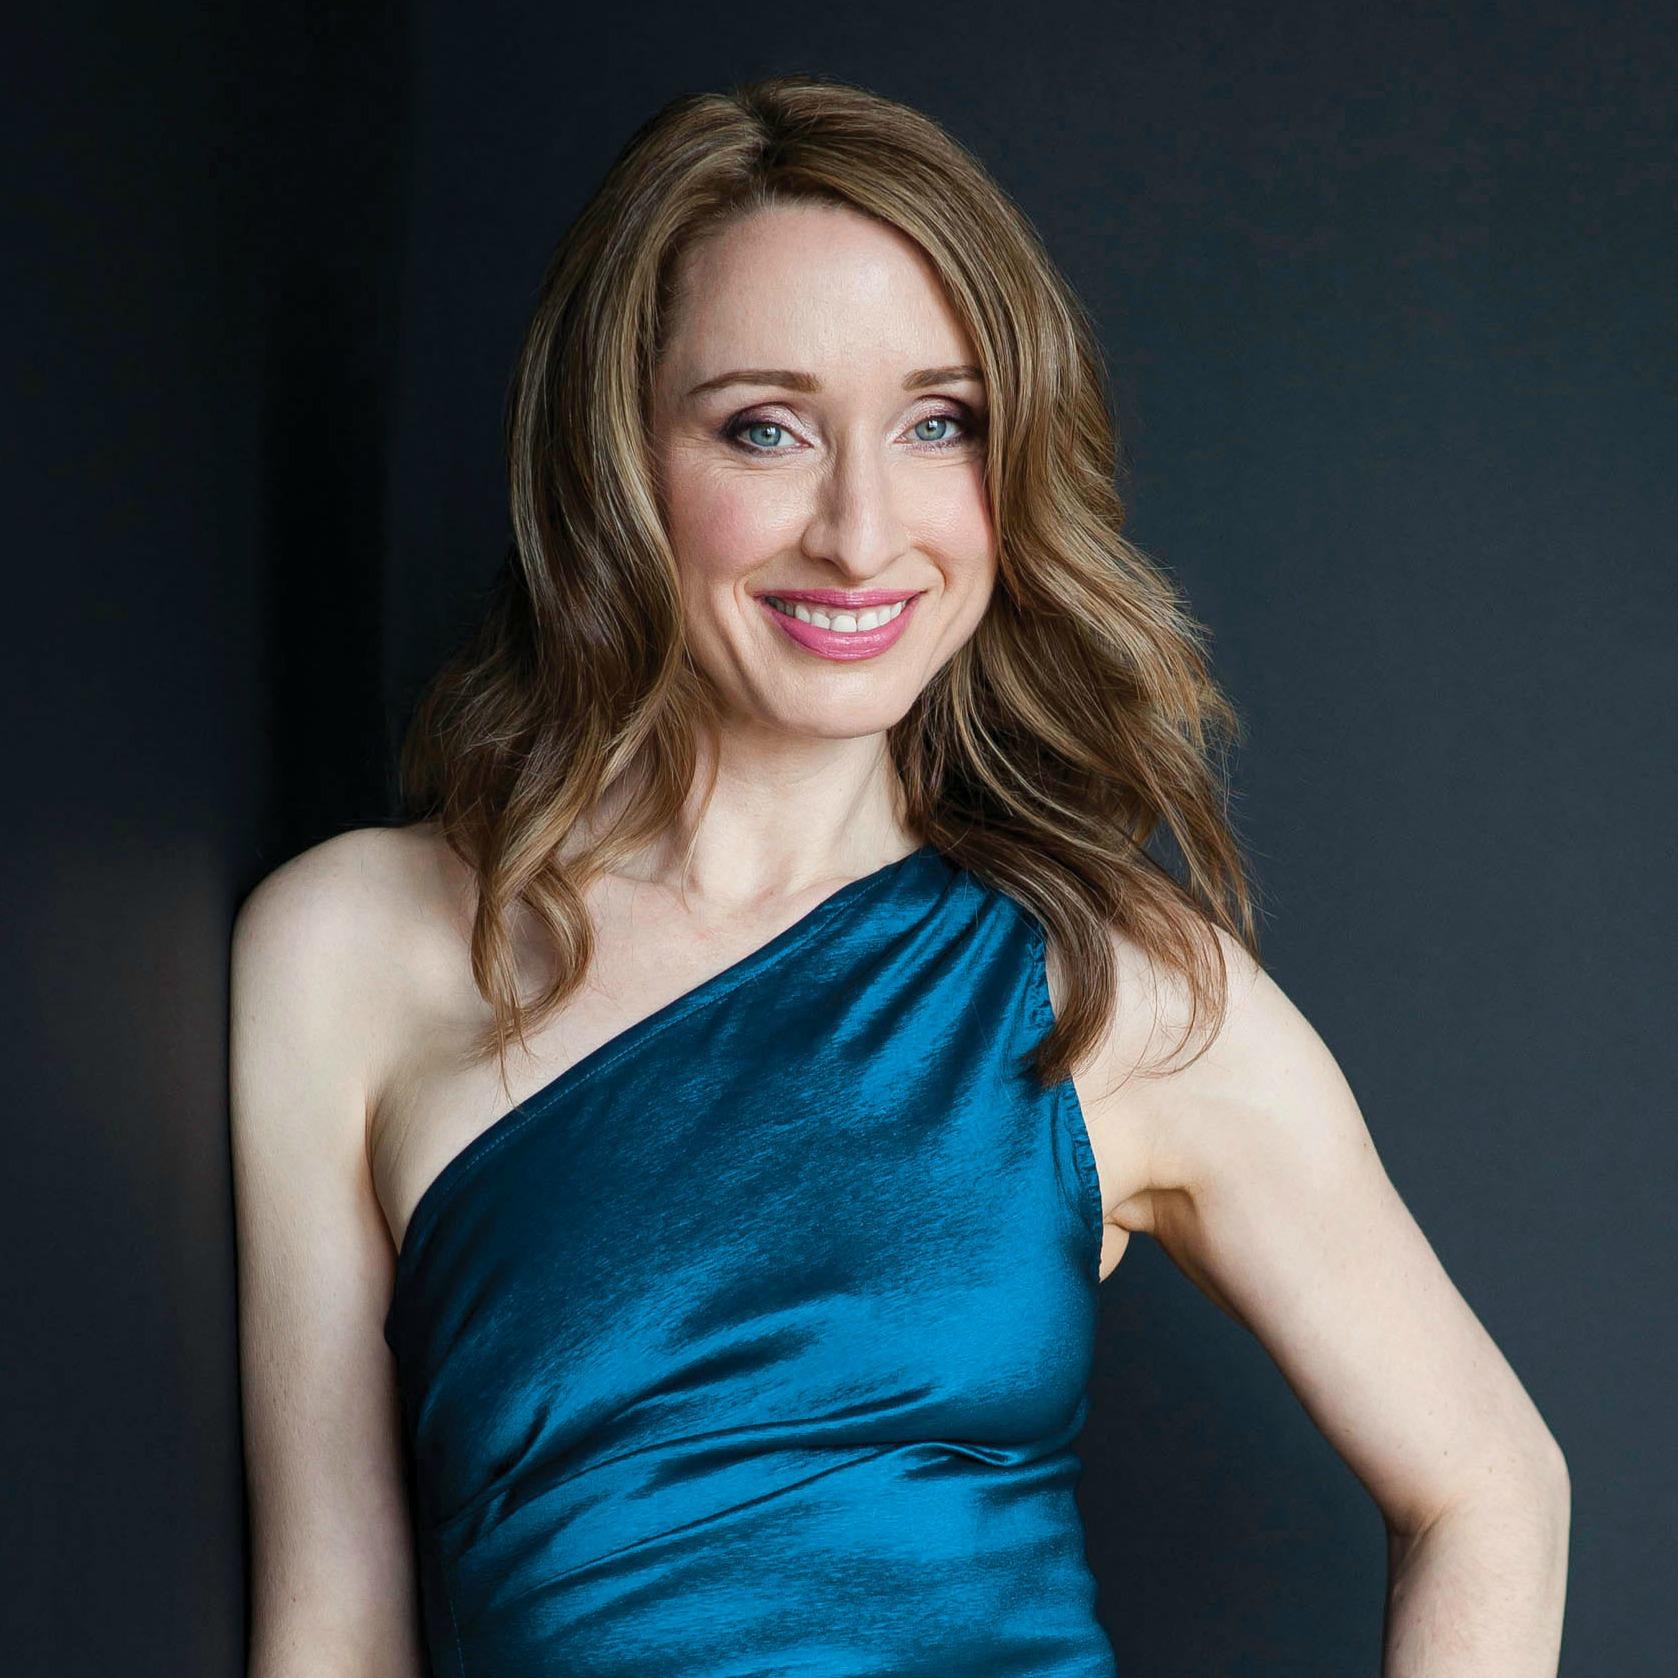 Erin Keaney